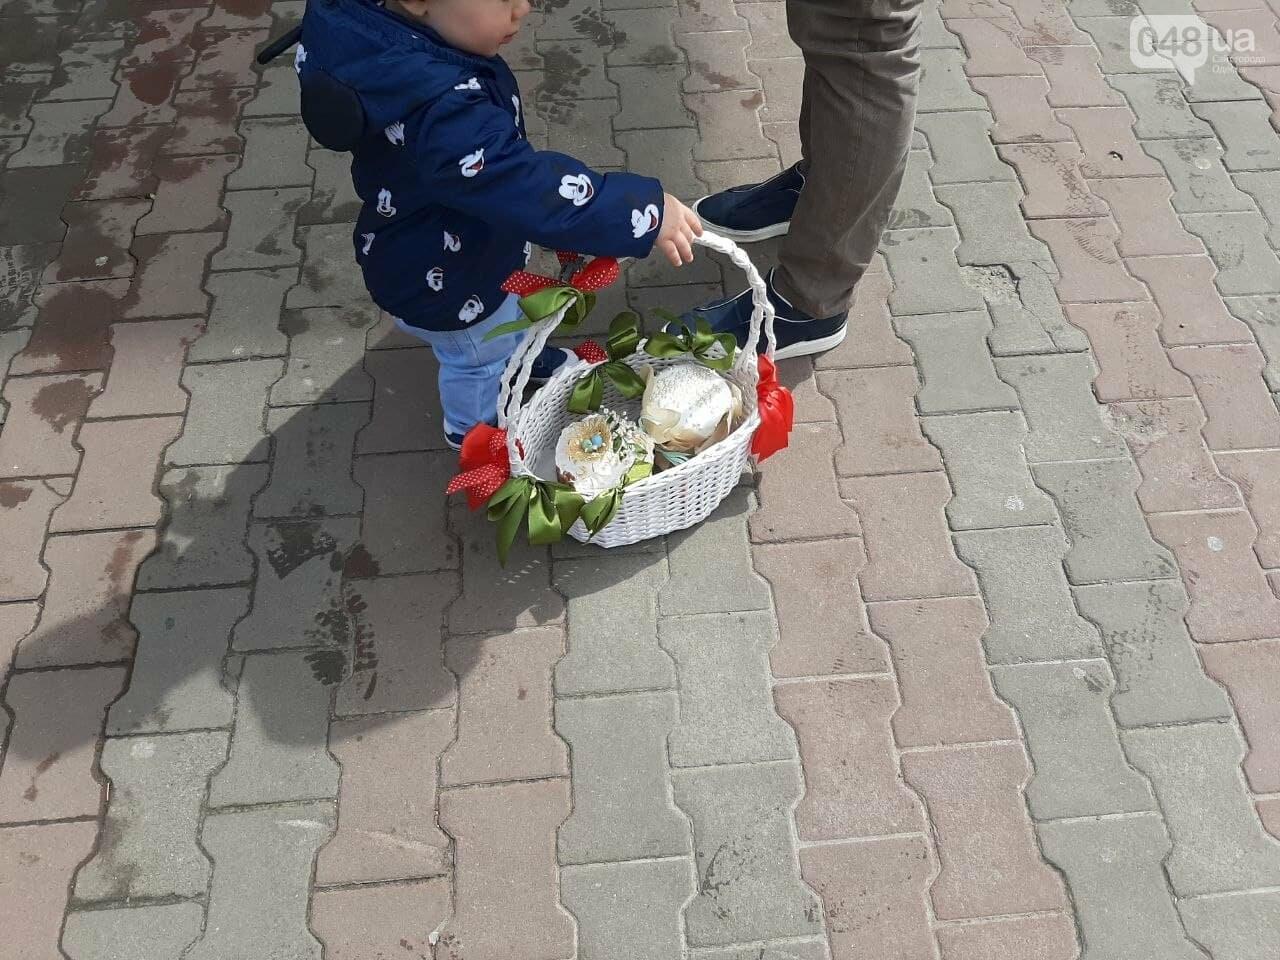 Пасха-2021: как в Одессе святят паски, - ФОТОРЕПОРТАЖ, фото-9